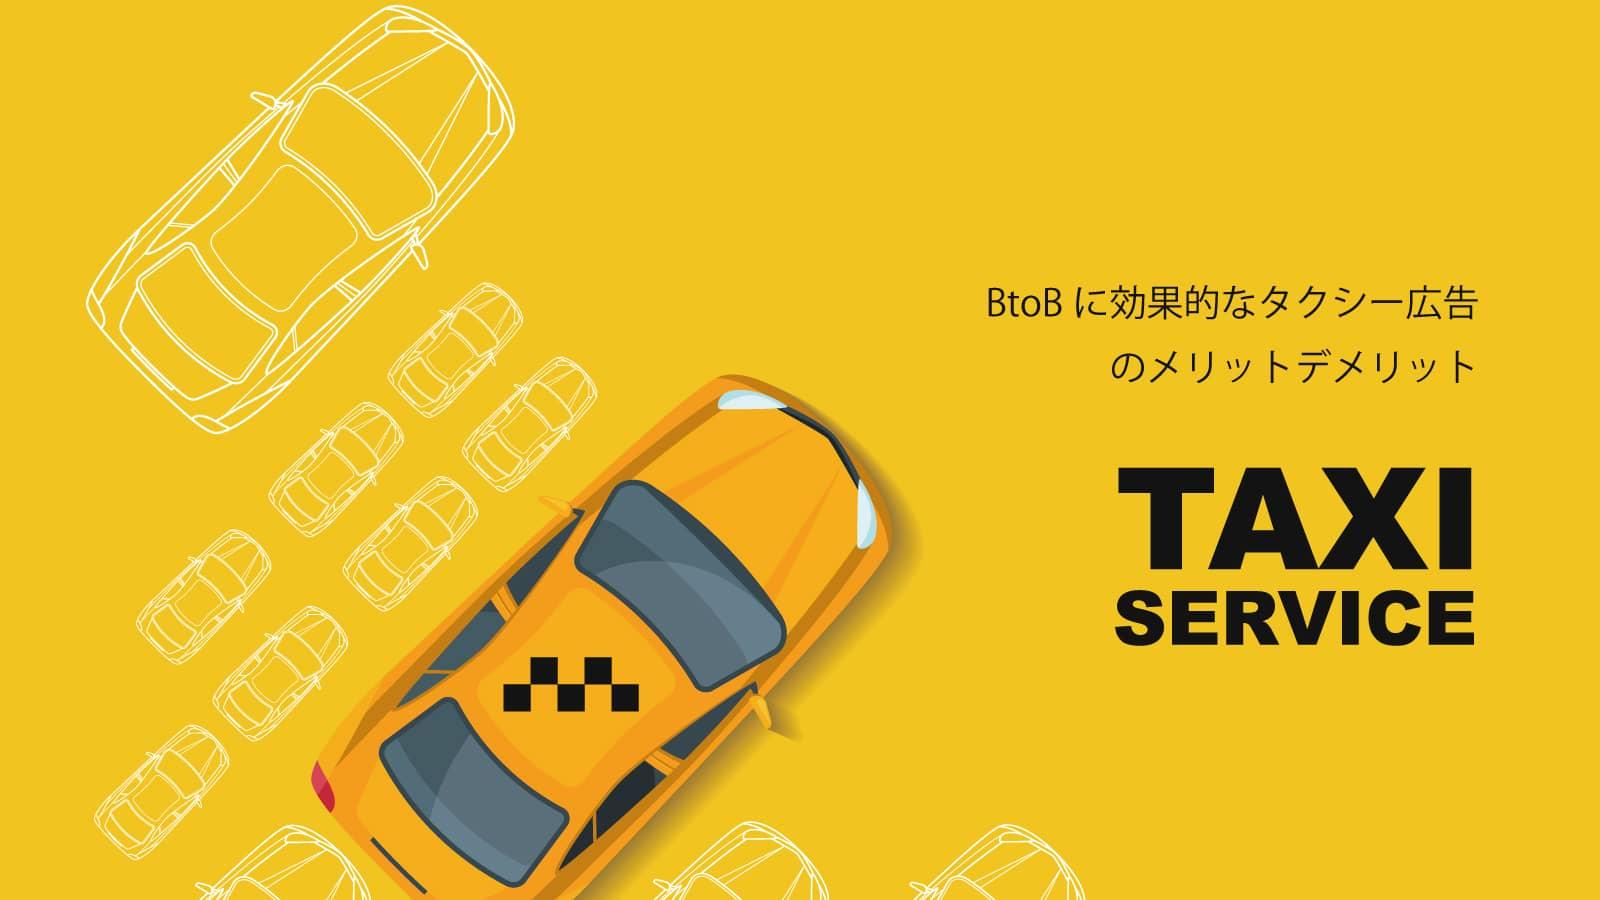 BtoBに効果的なタクシー広告のメリットデメリット